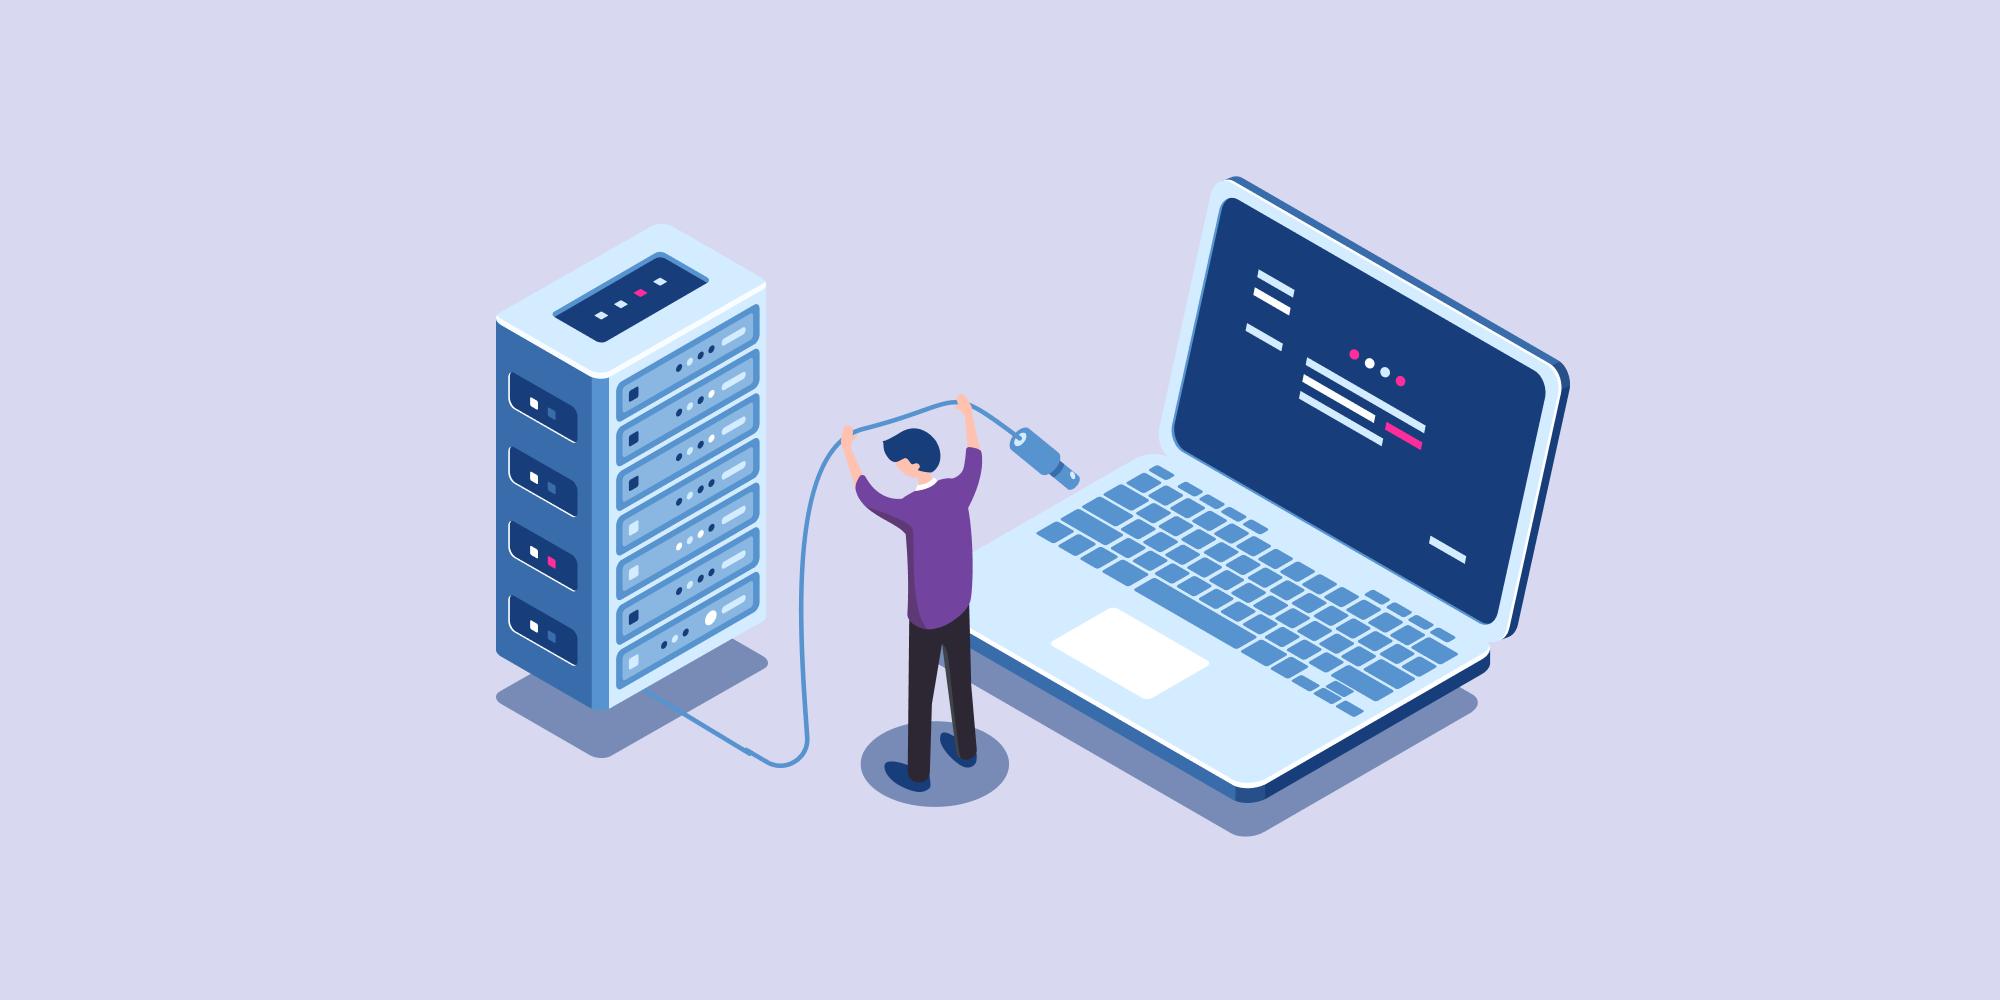 11 типов современных баз данных: краткие описания, схемы и примеры БД